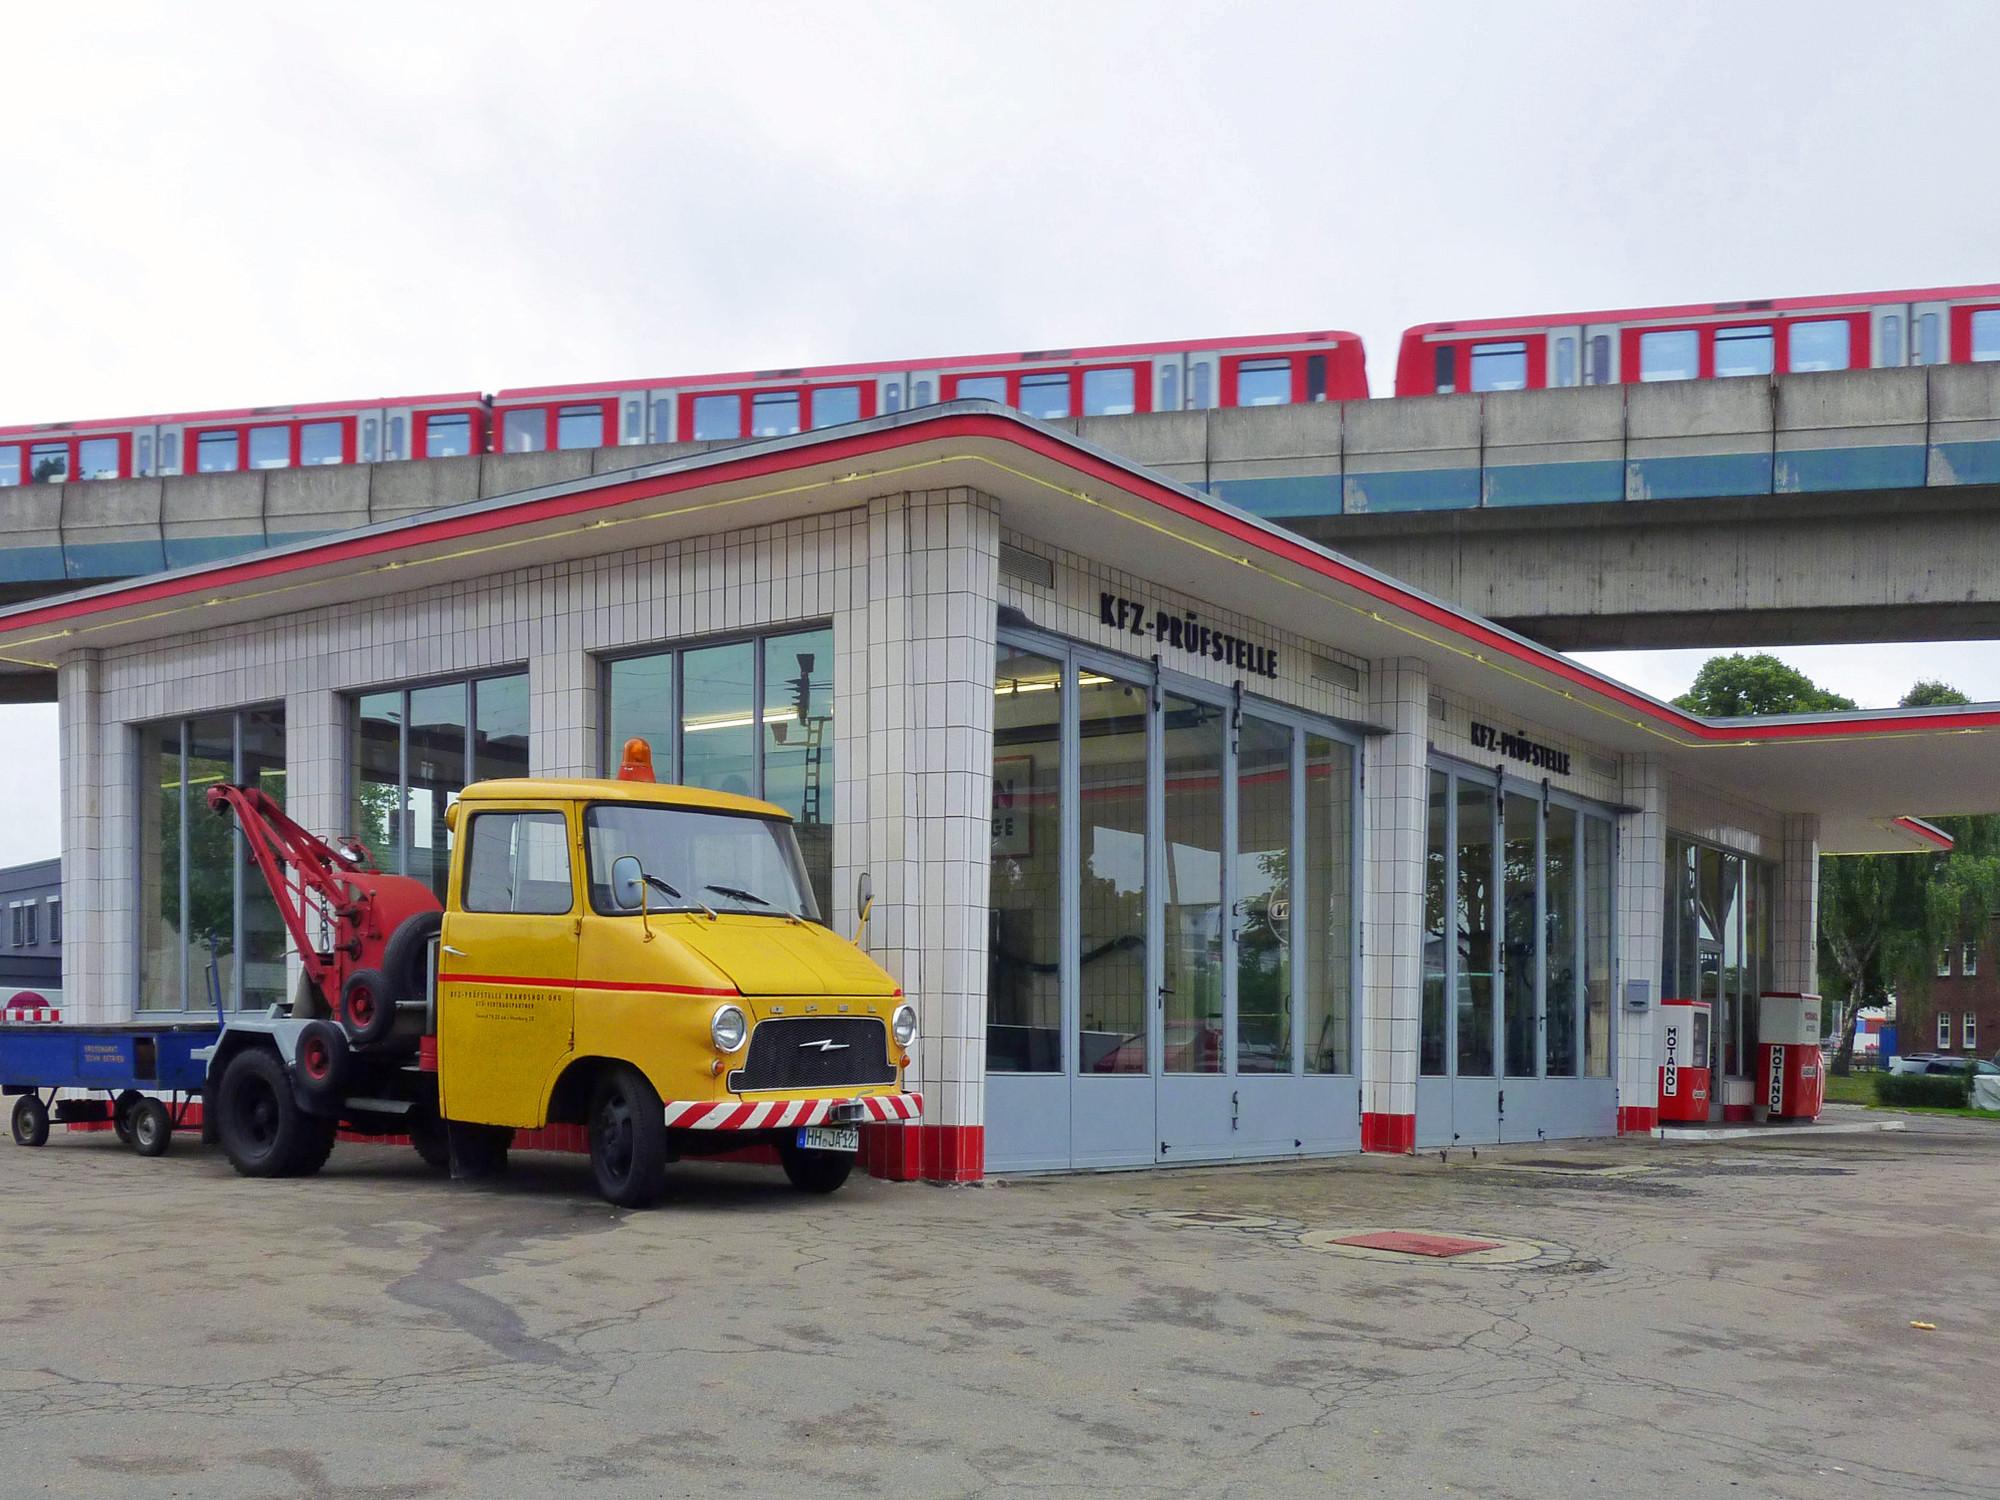 Tankstelle-Hamburg-Jan-Van-Pelt-archief-3